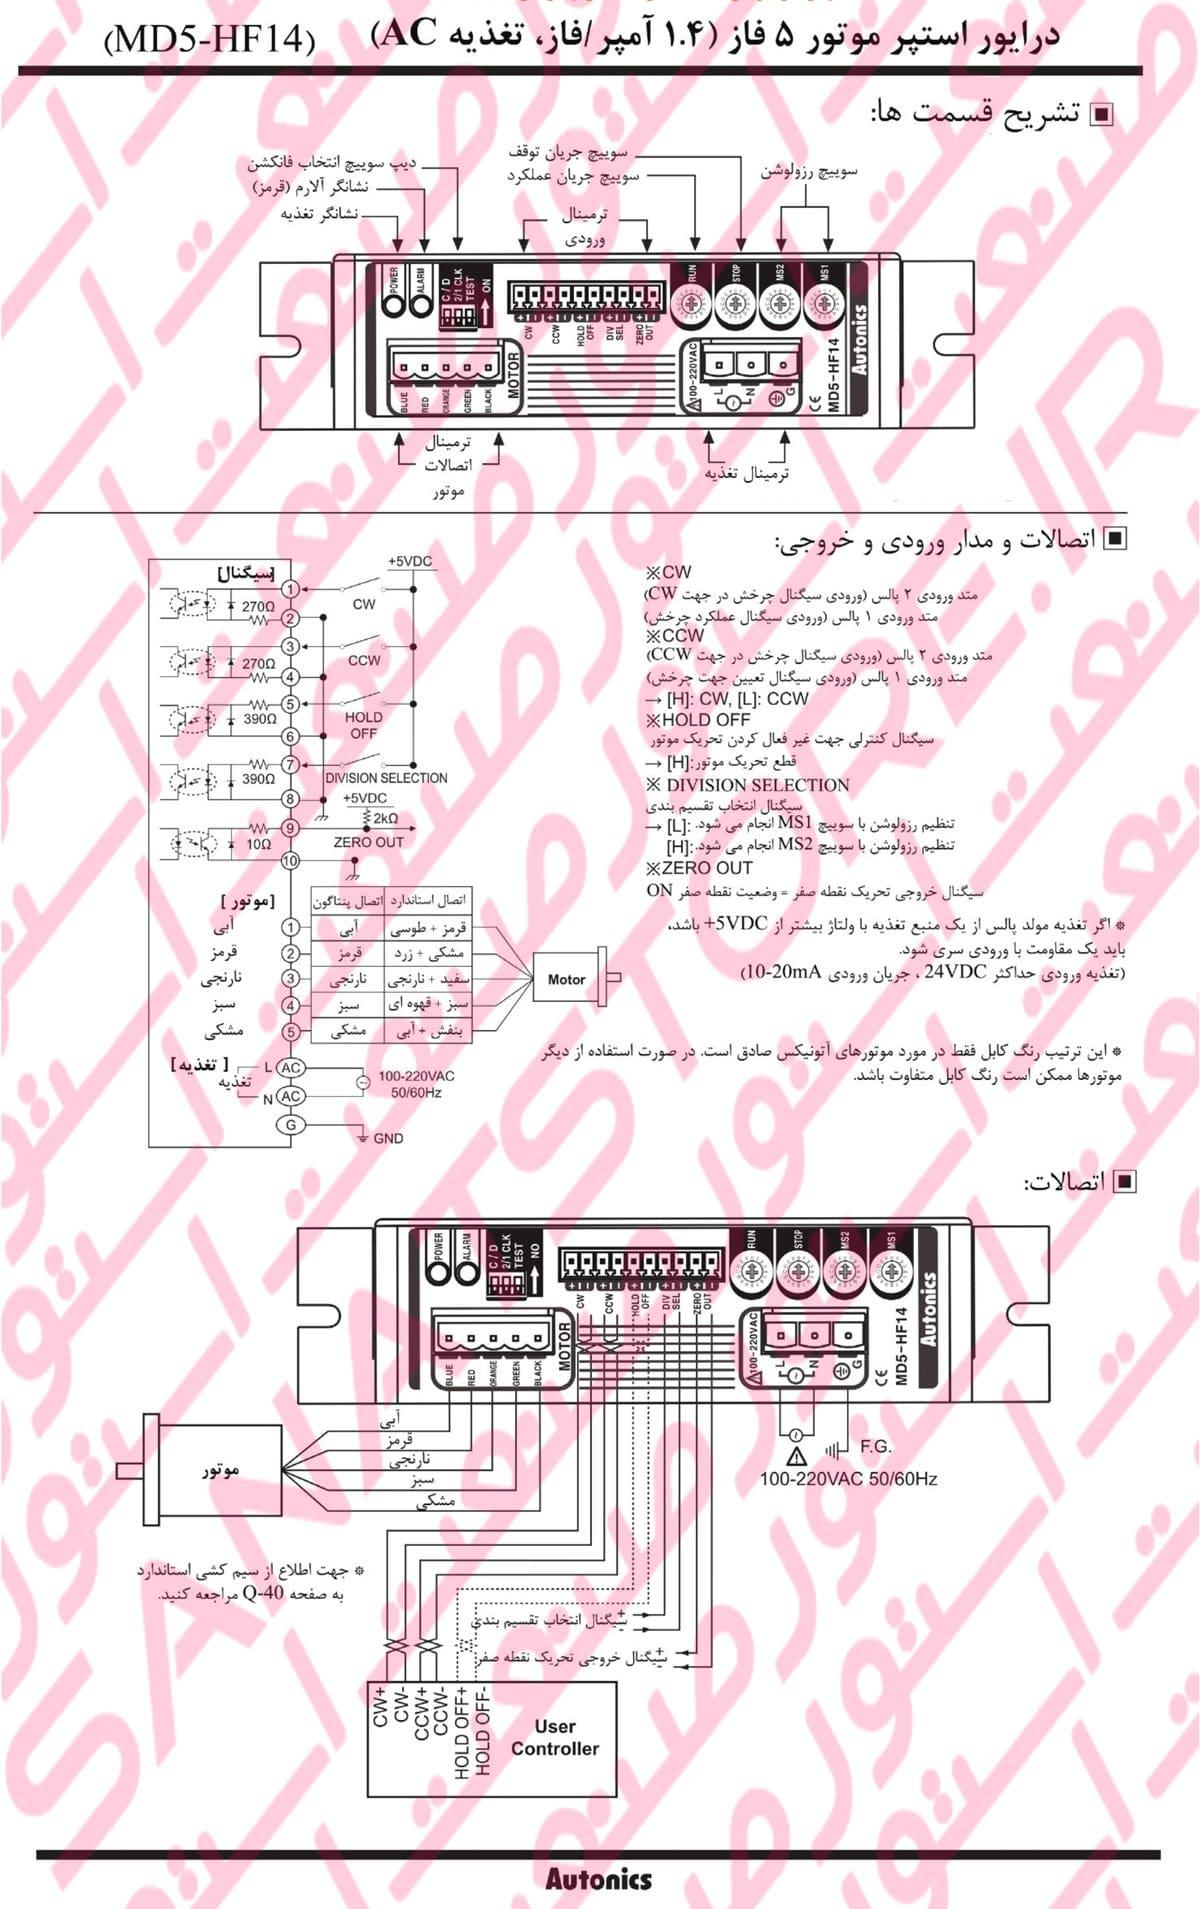 راهنمای نصب درایور استپ موتور آتونیکس Autonics مدل MD5-HF14